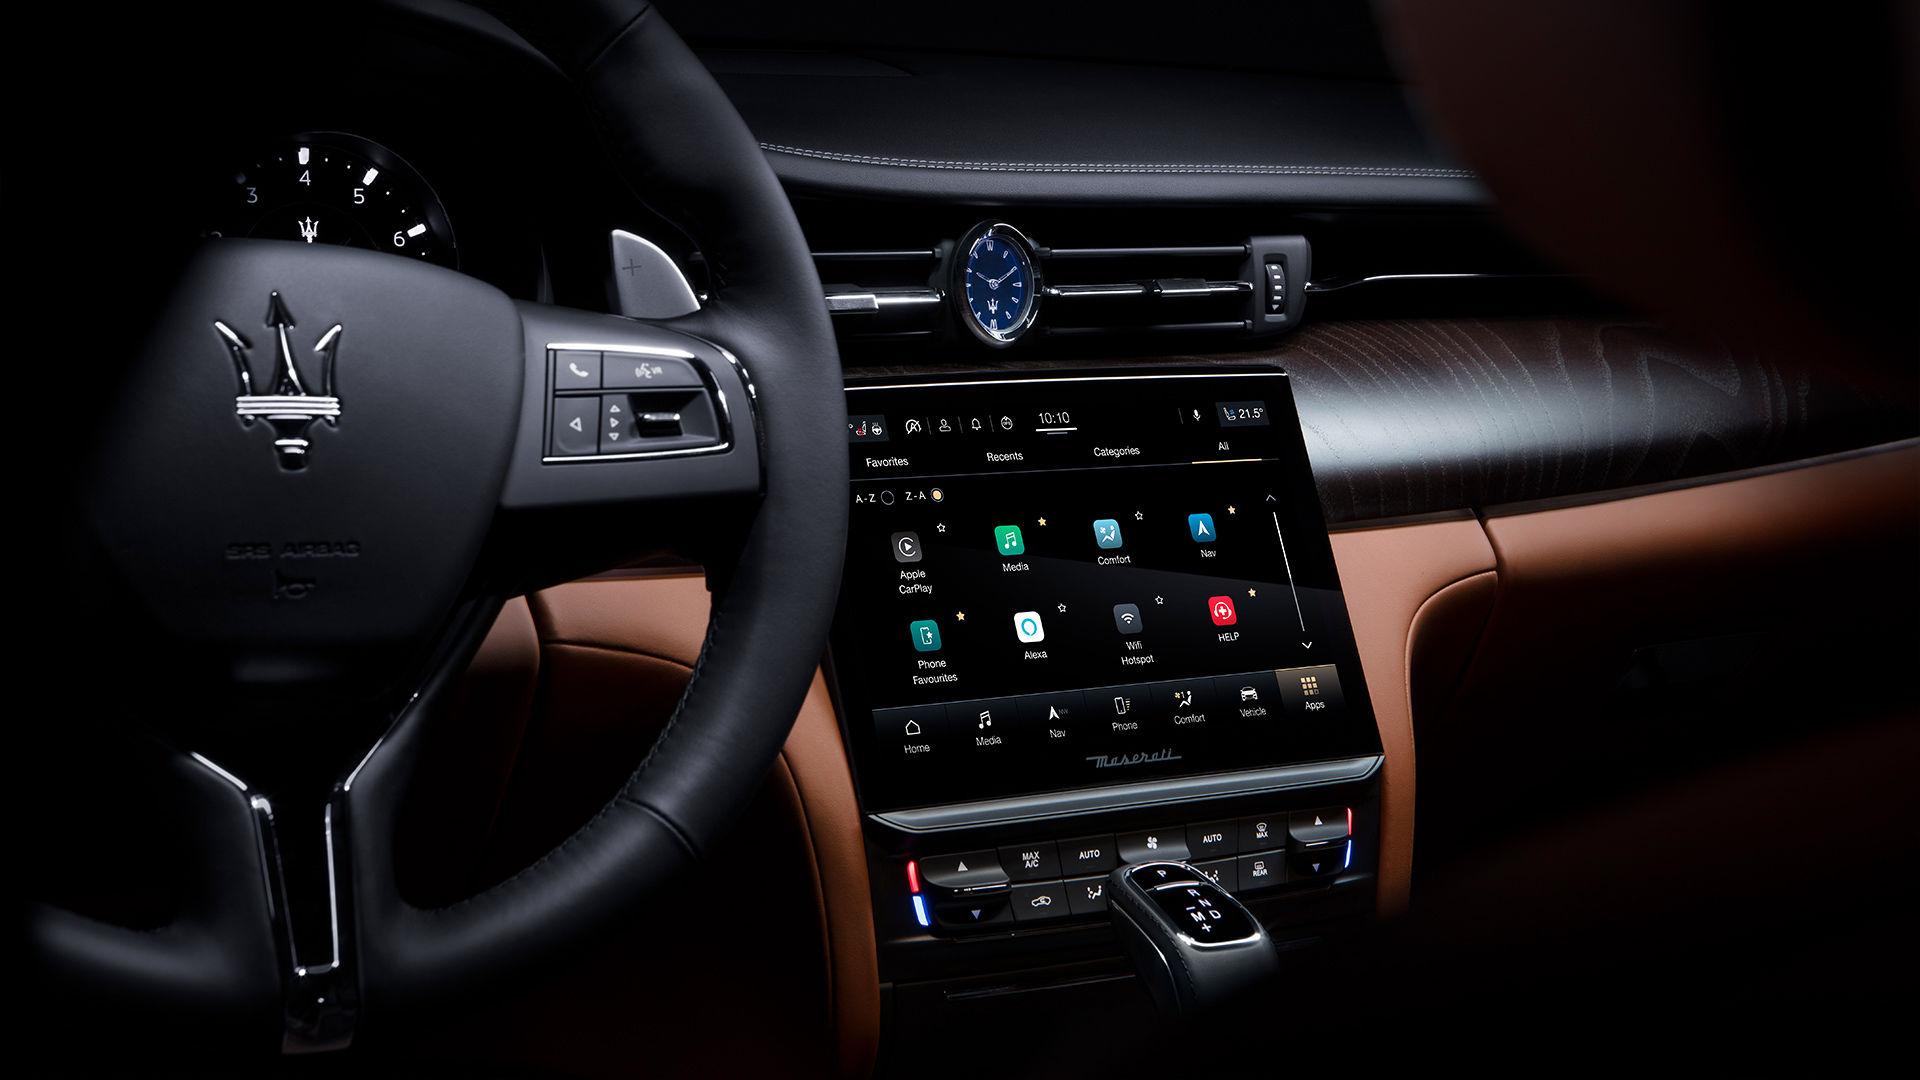 Maserati Quattroporte - Maserati Intelligent Assistant MIA